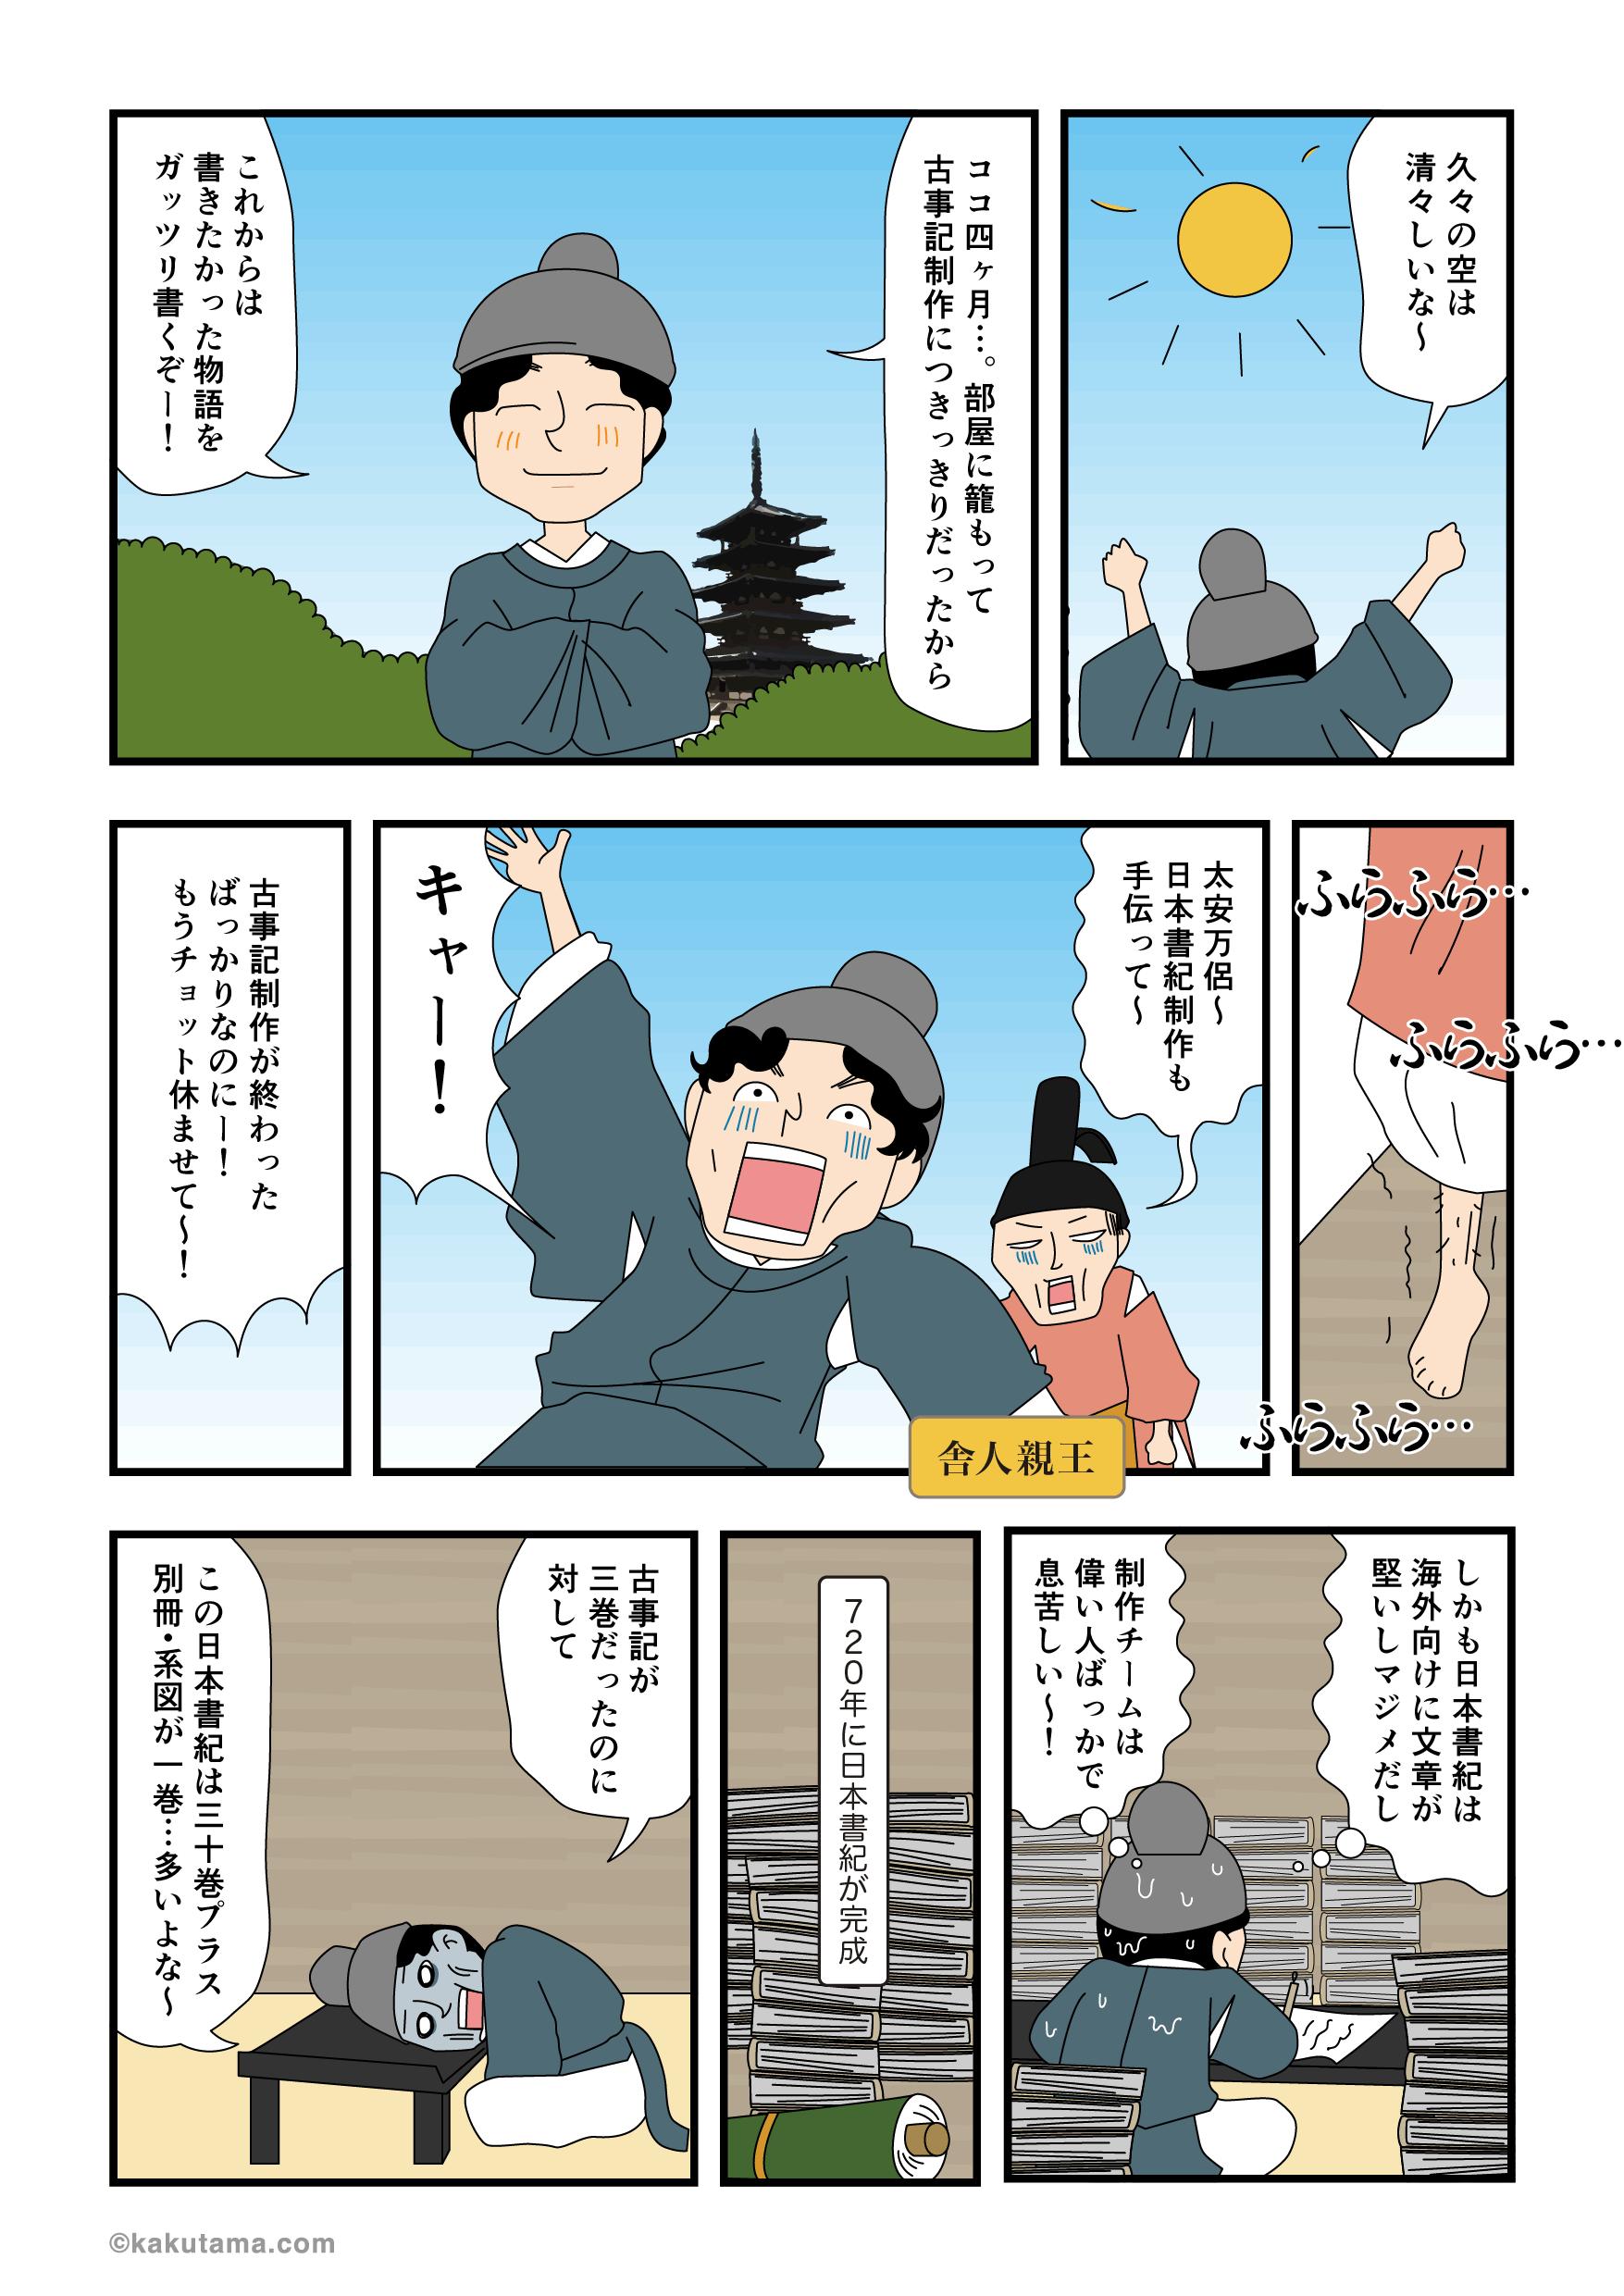 古事記が完成した途端、日本書紀チームに入る太安万侶のマンガ